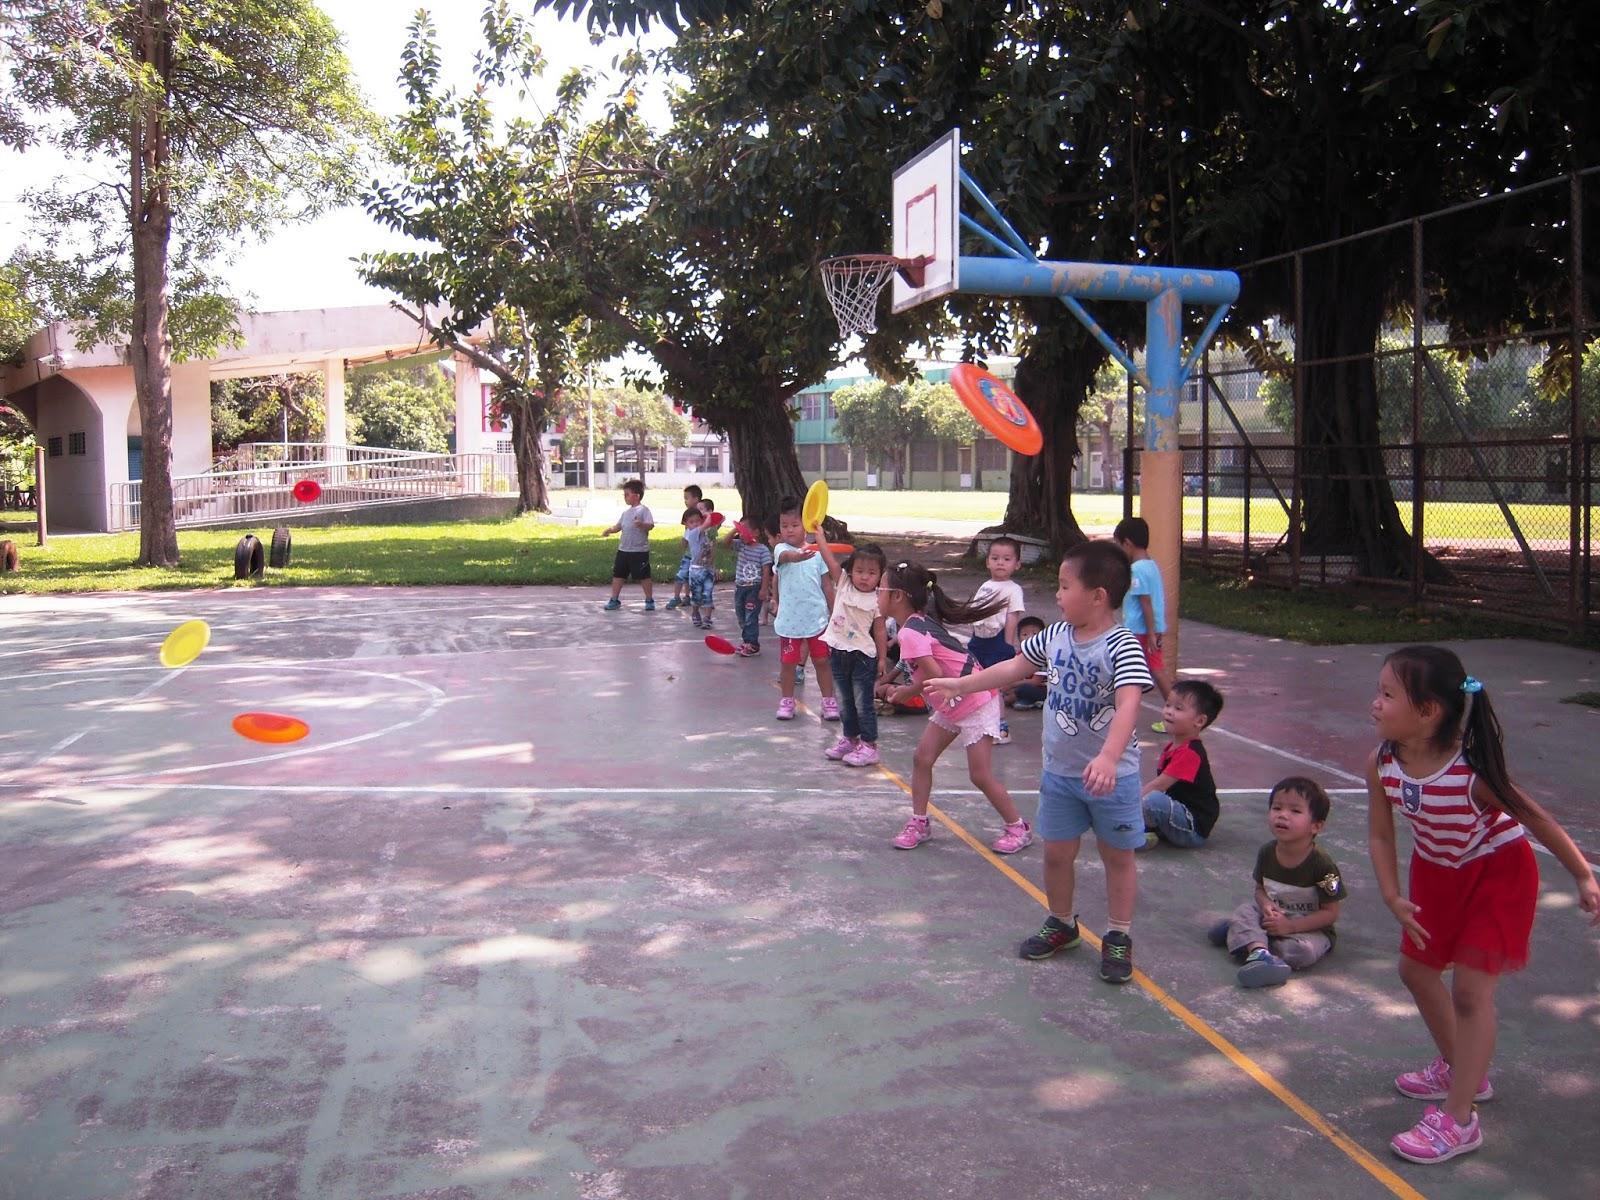 108學年度★港東國小附設幼兒園★: 飛飛小飛盤&平衡遊戲